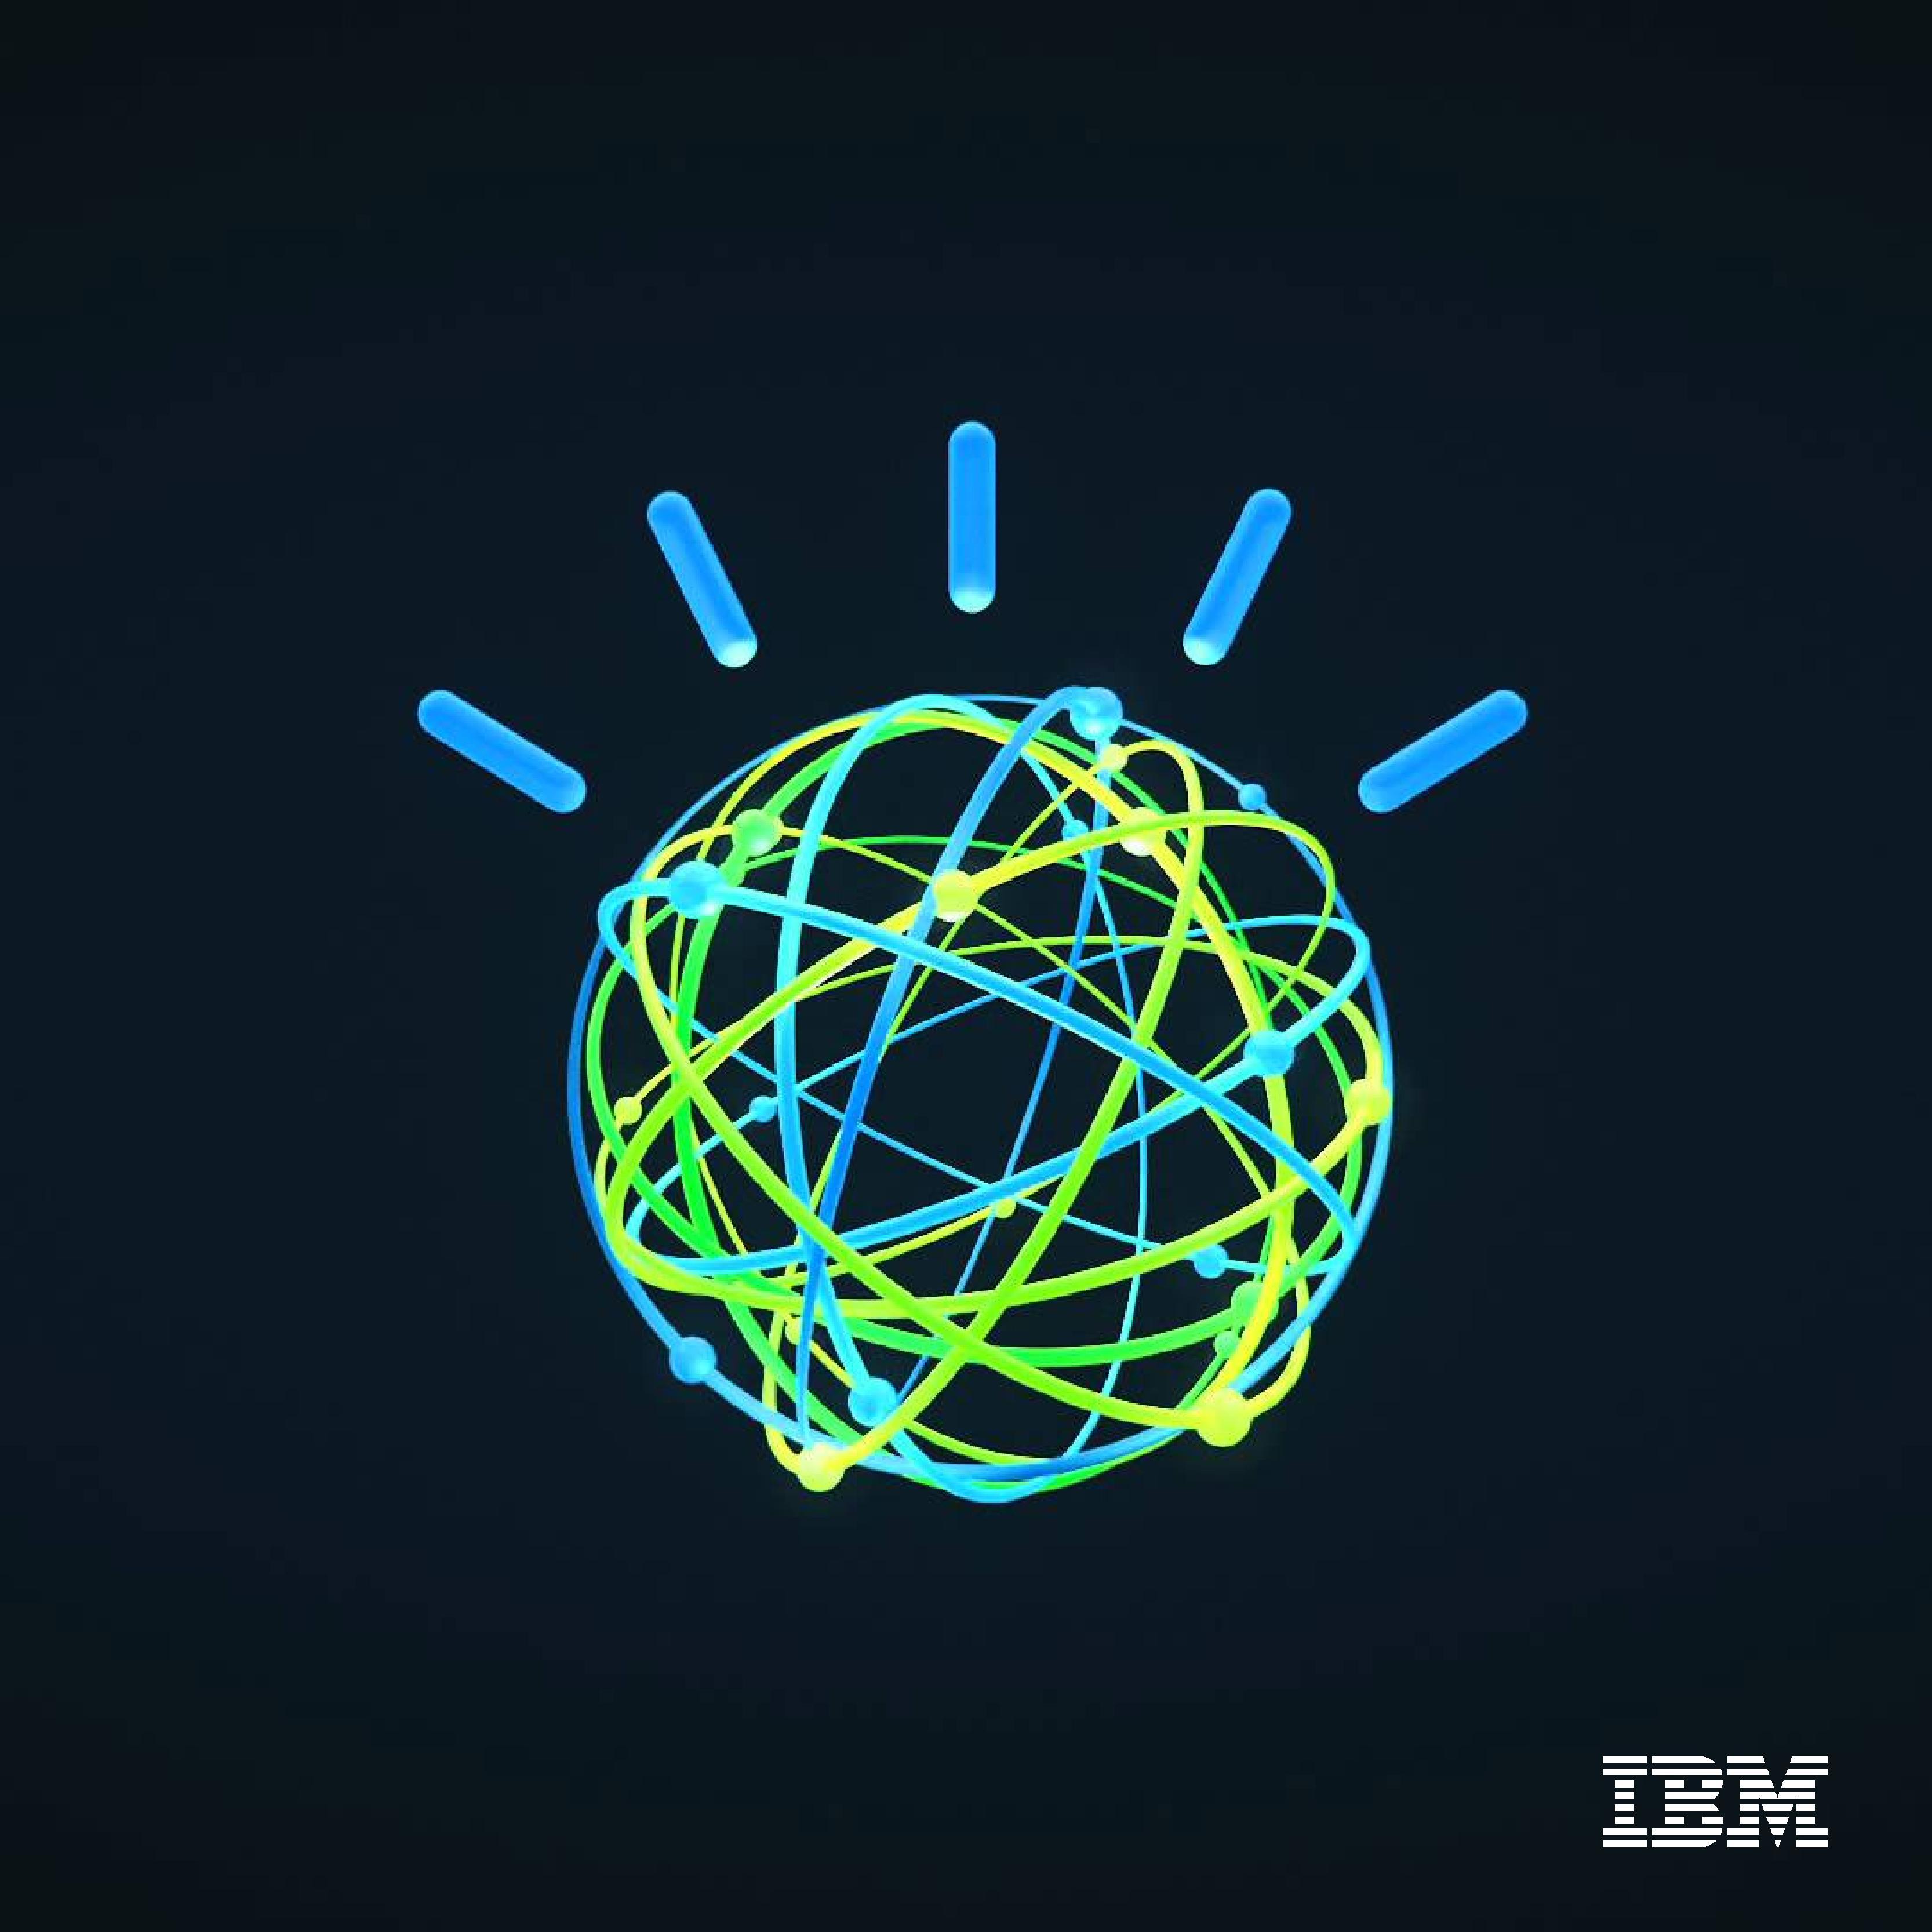 #IBM le apuesta en grande a #Watson, su nuevo software de inteligencia artificial https://goo.gl/Ku86N5